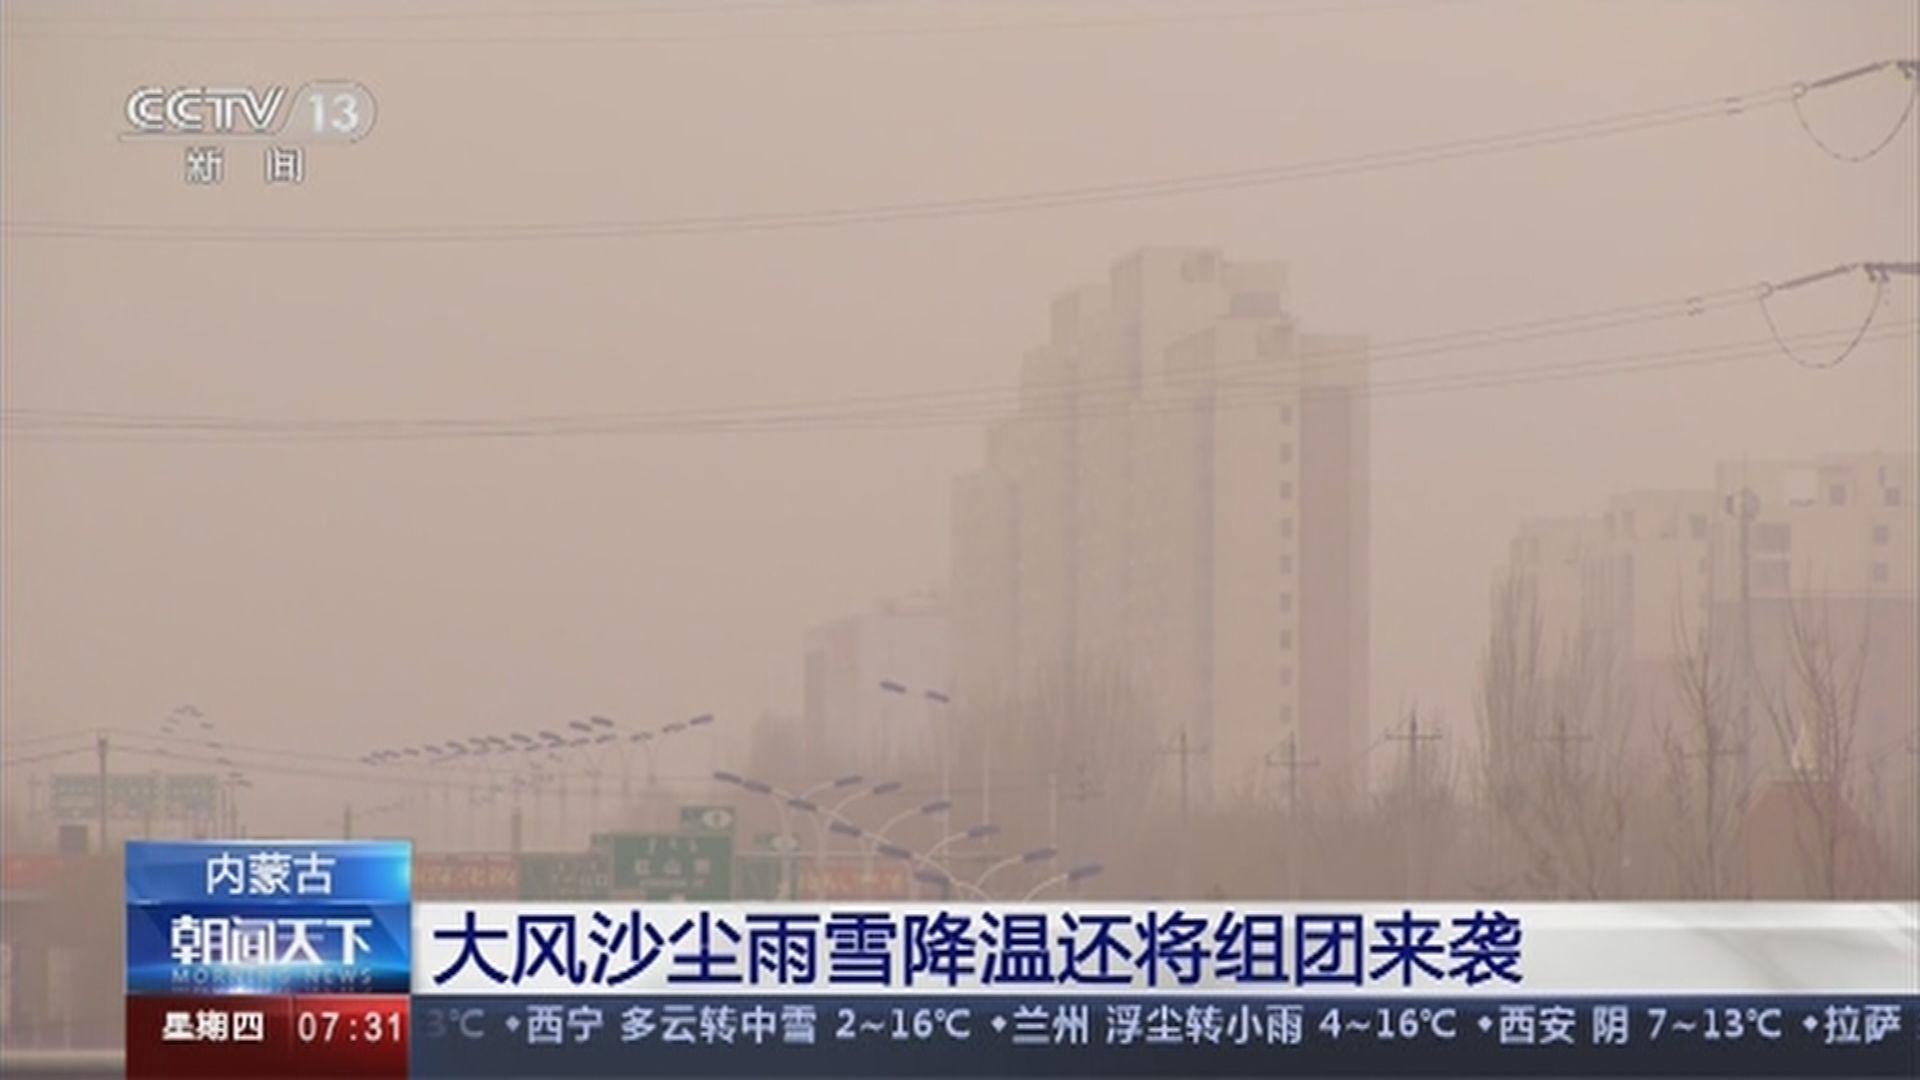 百事娱乐:內地沙塵天氣持續 甘肅因呼吸